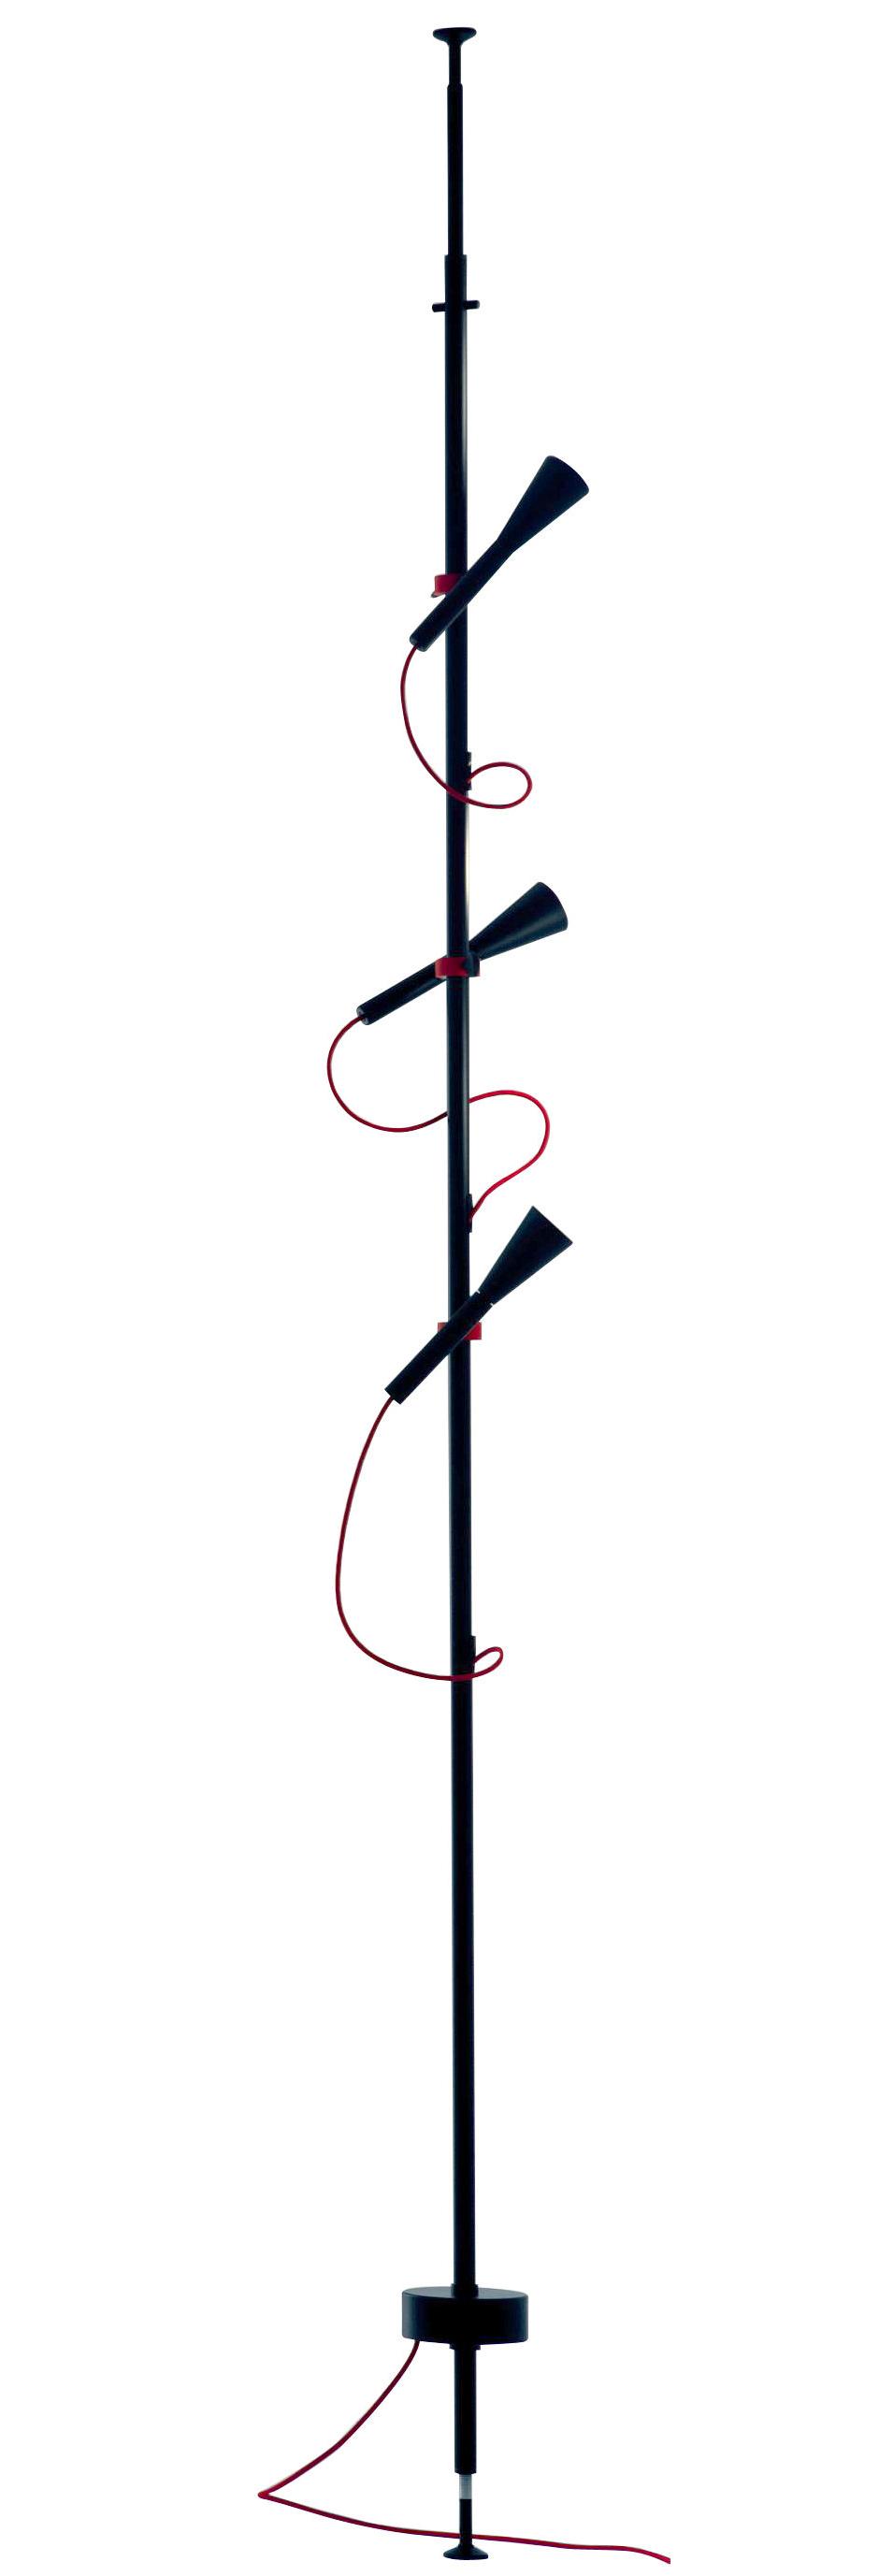 Leuchten - Stehleuchten - Colibri LED Stehleuchte / 3 Schwenkspots - Martinelli Luce - Stehlampe / schwarz & rotes Stromkabel - klarlackbeschichtetes Aluminium